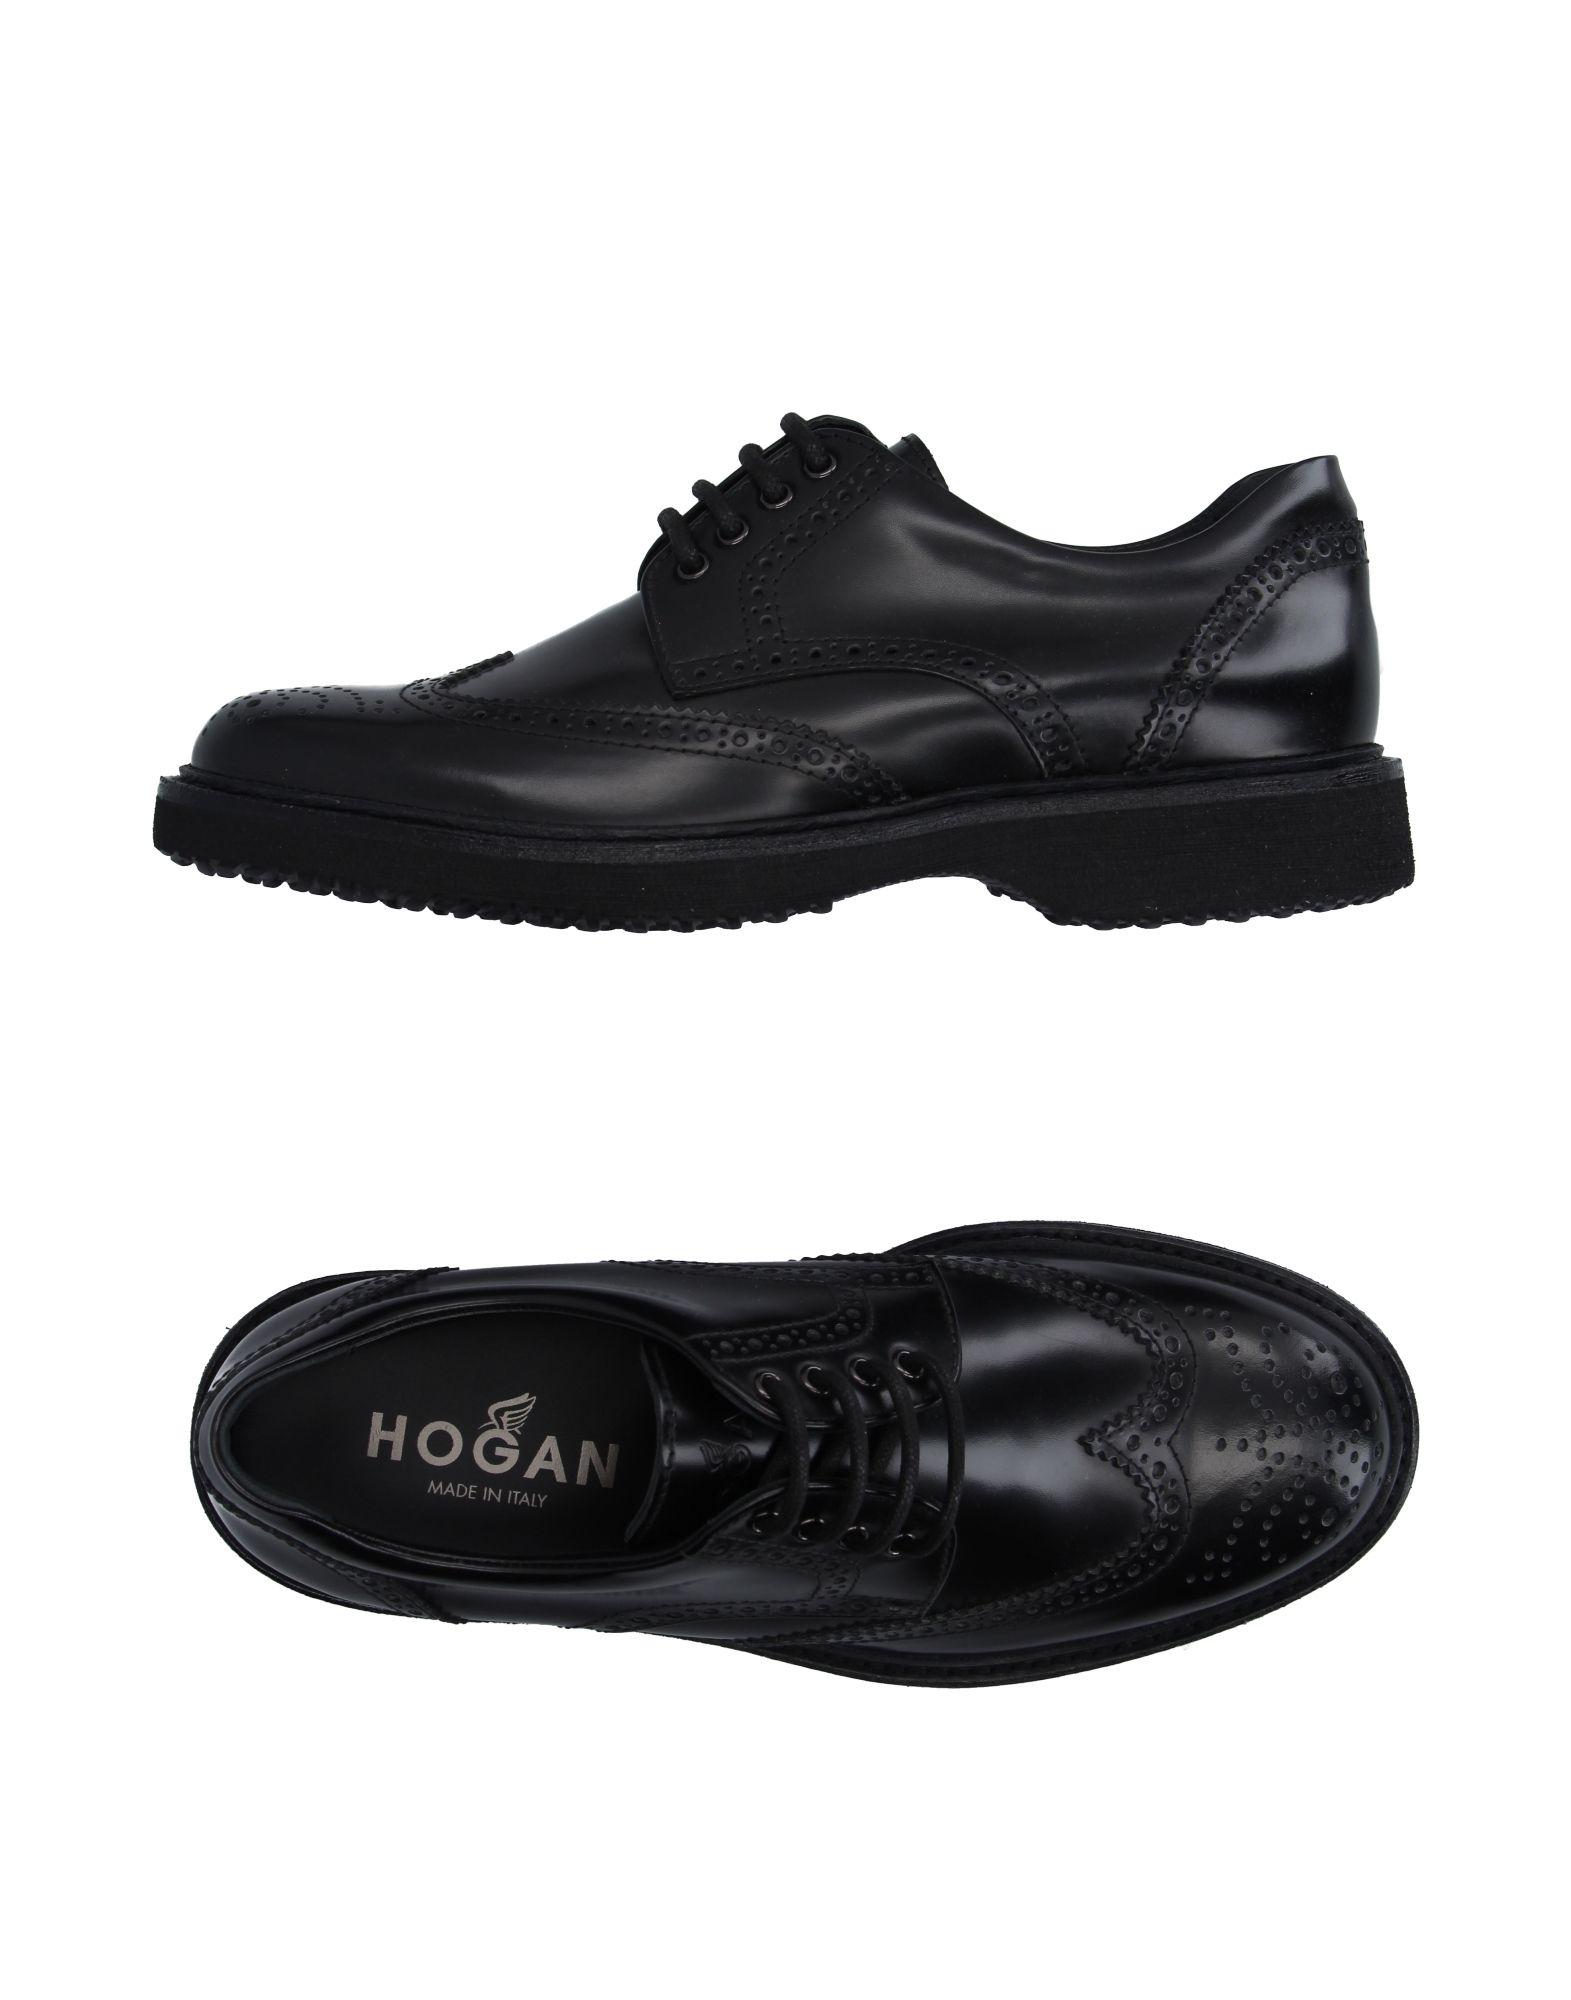 Hogan Schnürschuhe Herren  11167584KM Gute Qualität beliebte Schuhe